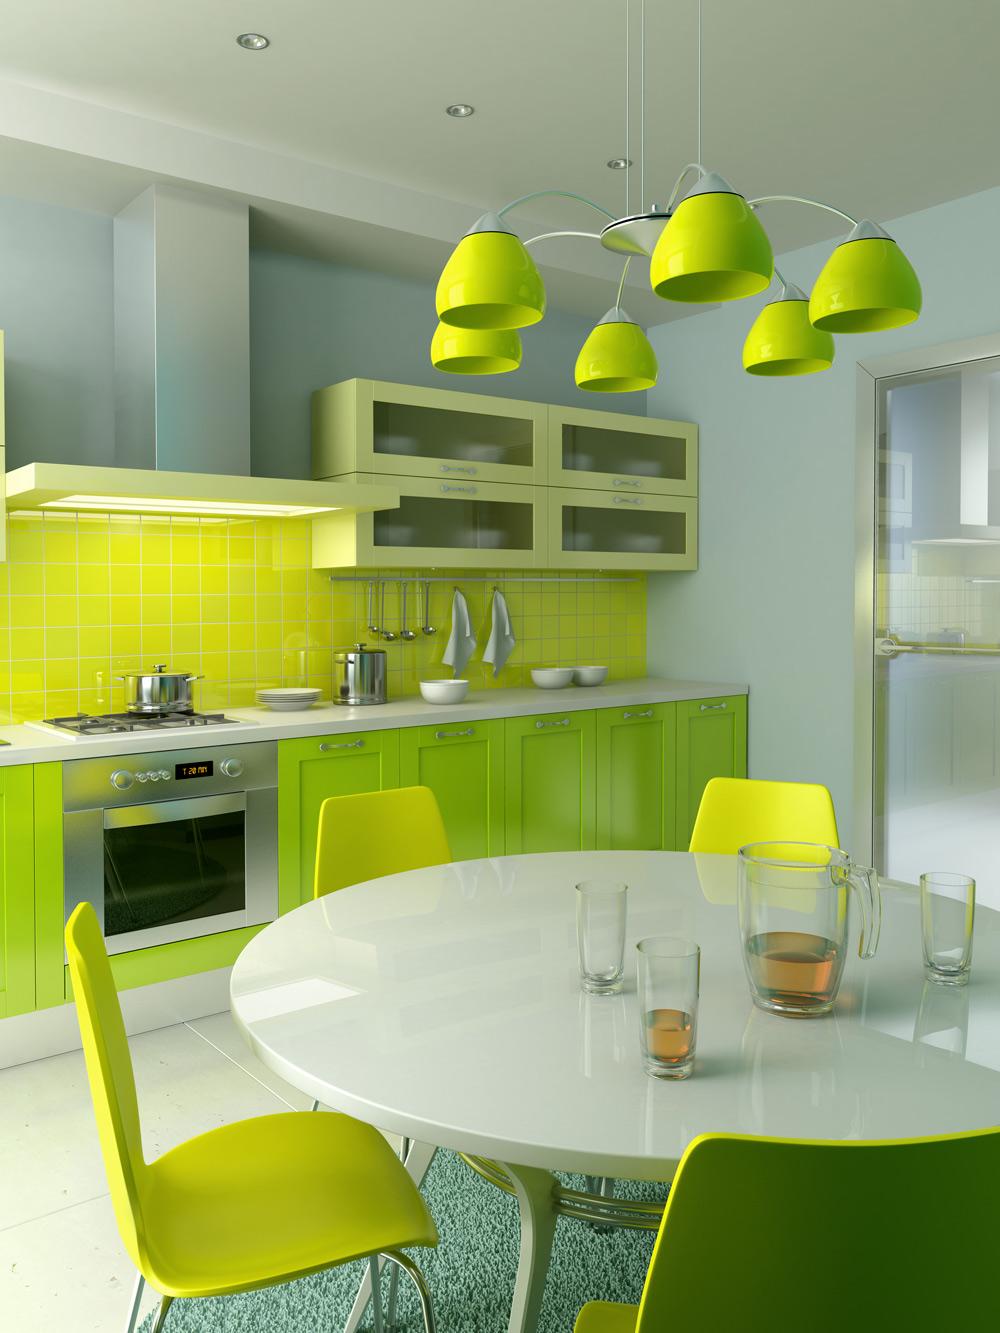 jak_stosowac_kolory_we_wnetrzu_aranzacje_projekty_kolor_zielony_20